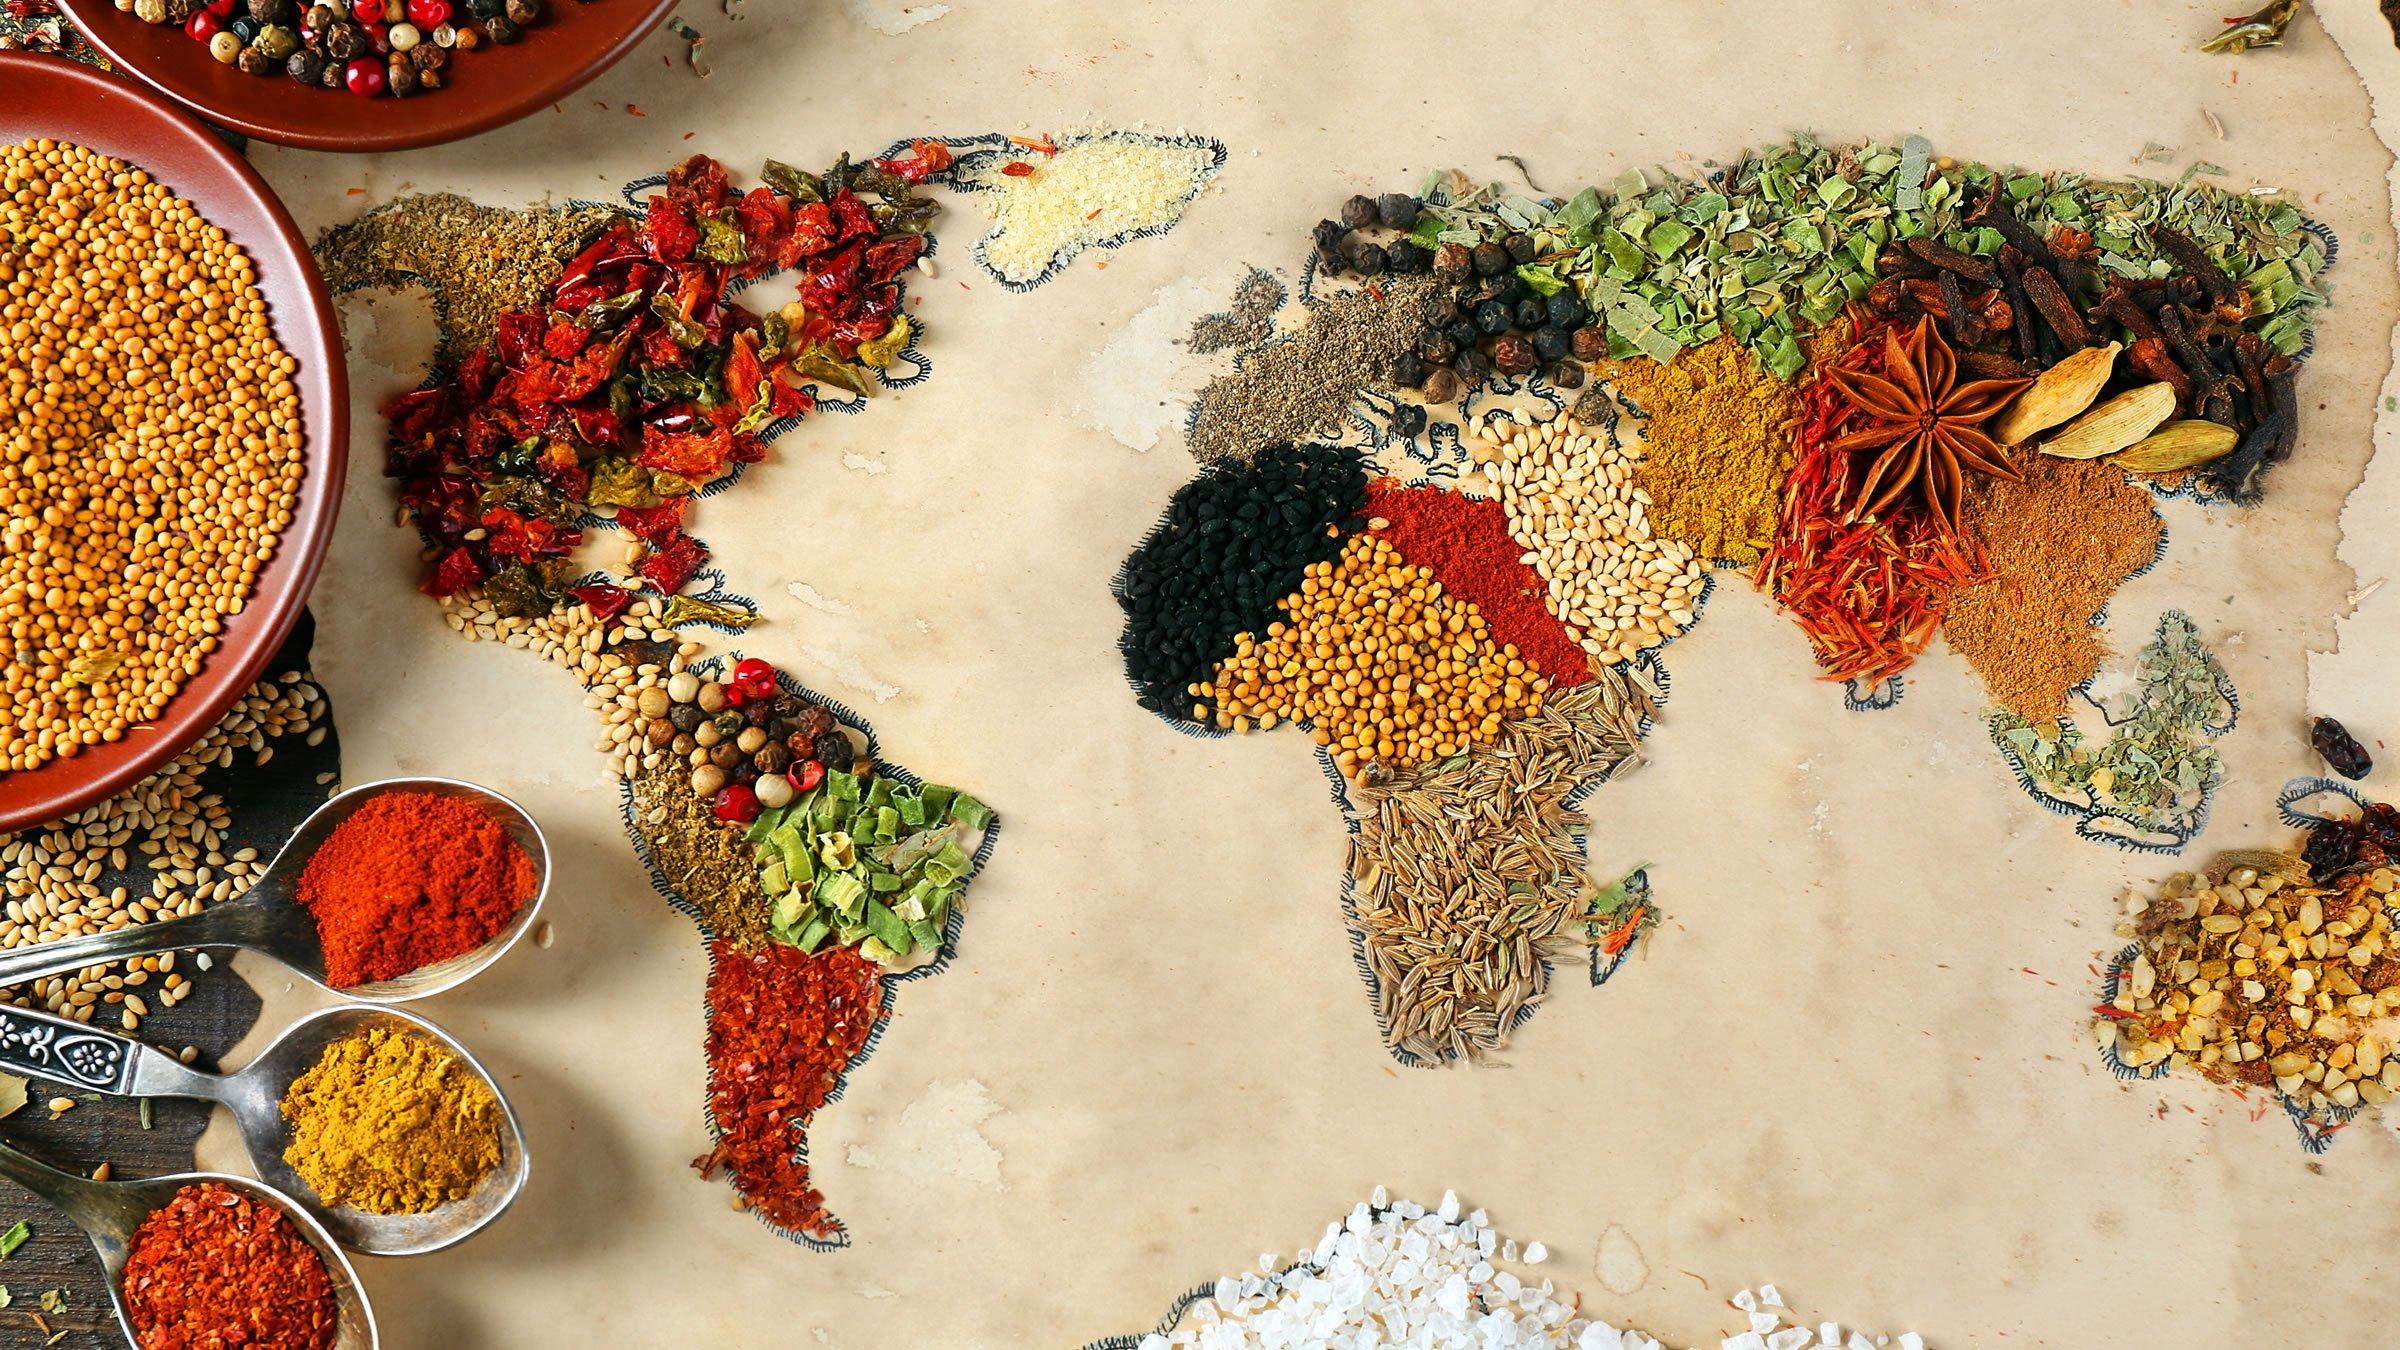 Los cinco continentes del mundo y su gastronom a for Imagenes de productos americanos